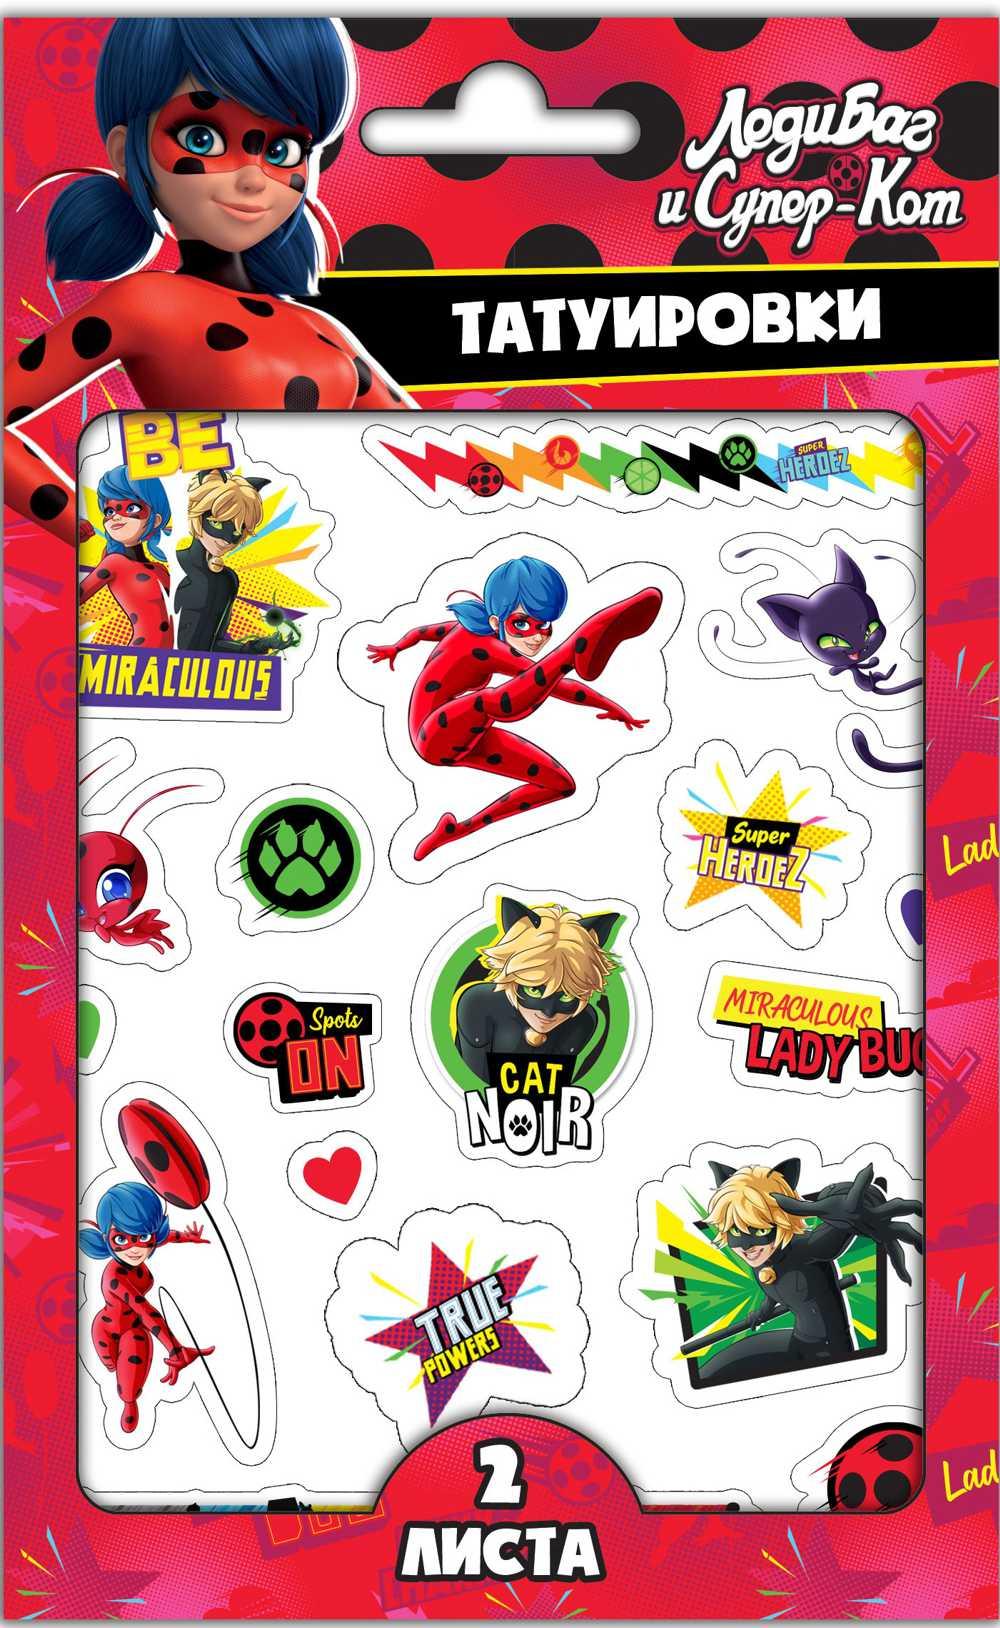 Набор наклеек-татуировок Леди Баг и Супер-Кот (10х12см) Дизайн 1 логунова е леди баг и супер кот раскраска с развивающими заданиями 16 цветных наклеек